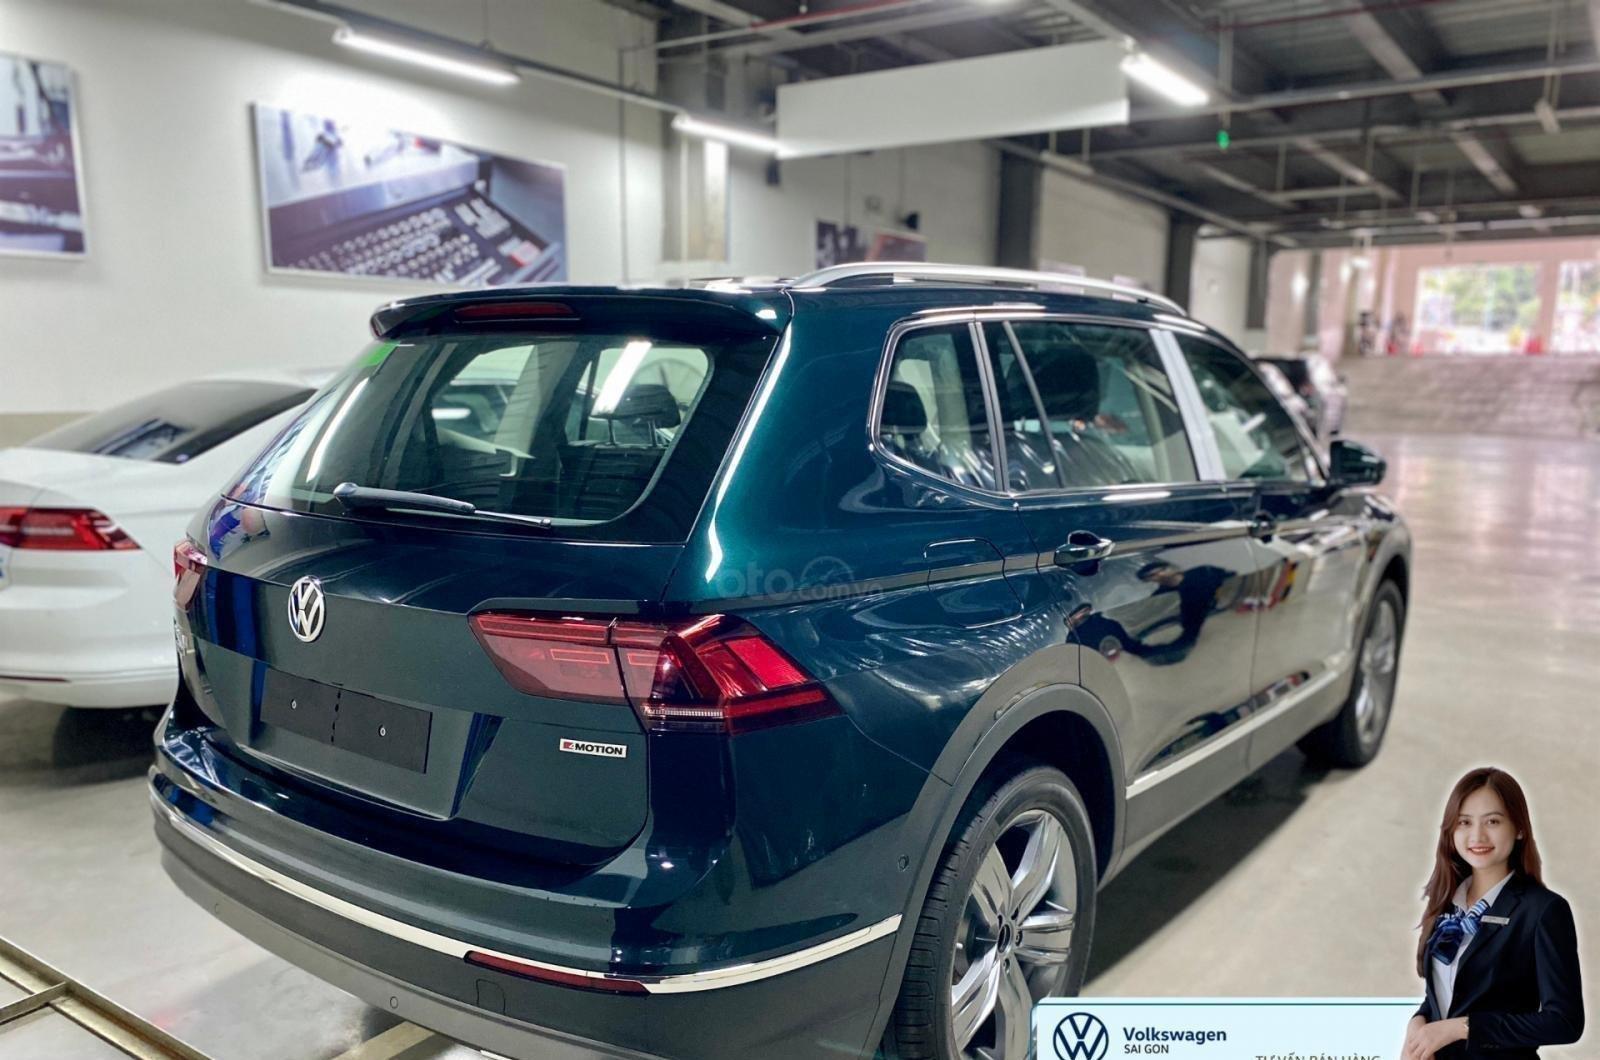 Volkswagen Tiguan Luxury màu xanh rêu số lượng ít - Xe Đức nhập khẩu nguyên chiếc - Giảm ngay 120 triệu (1)